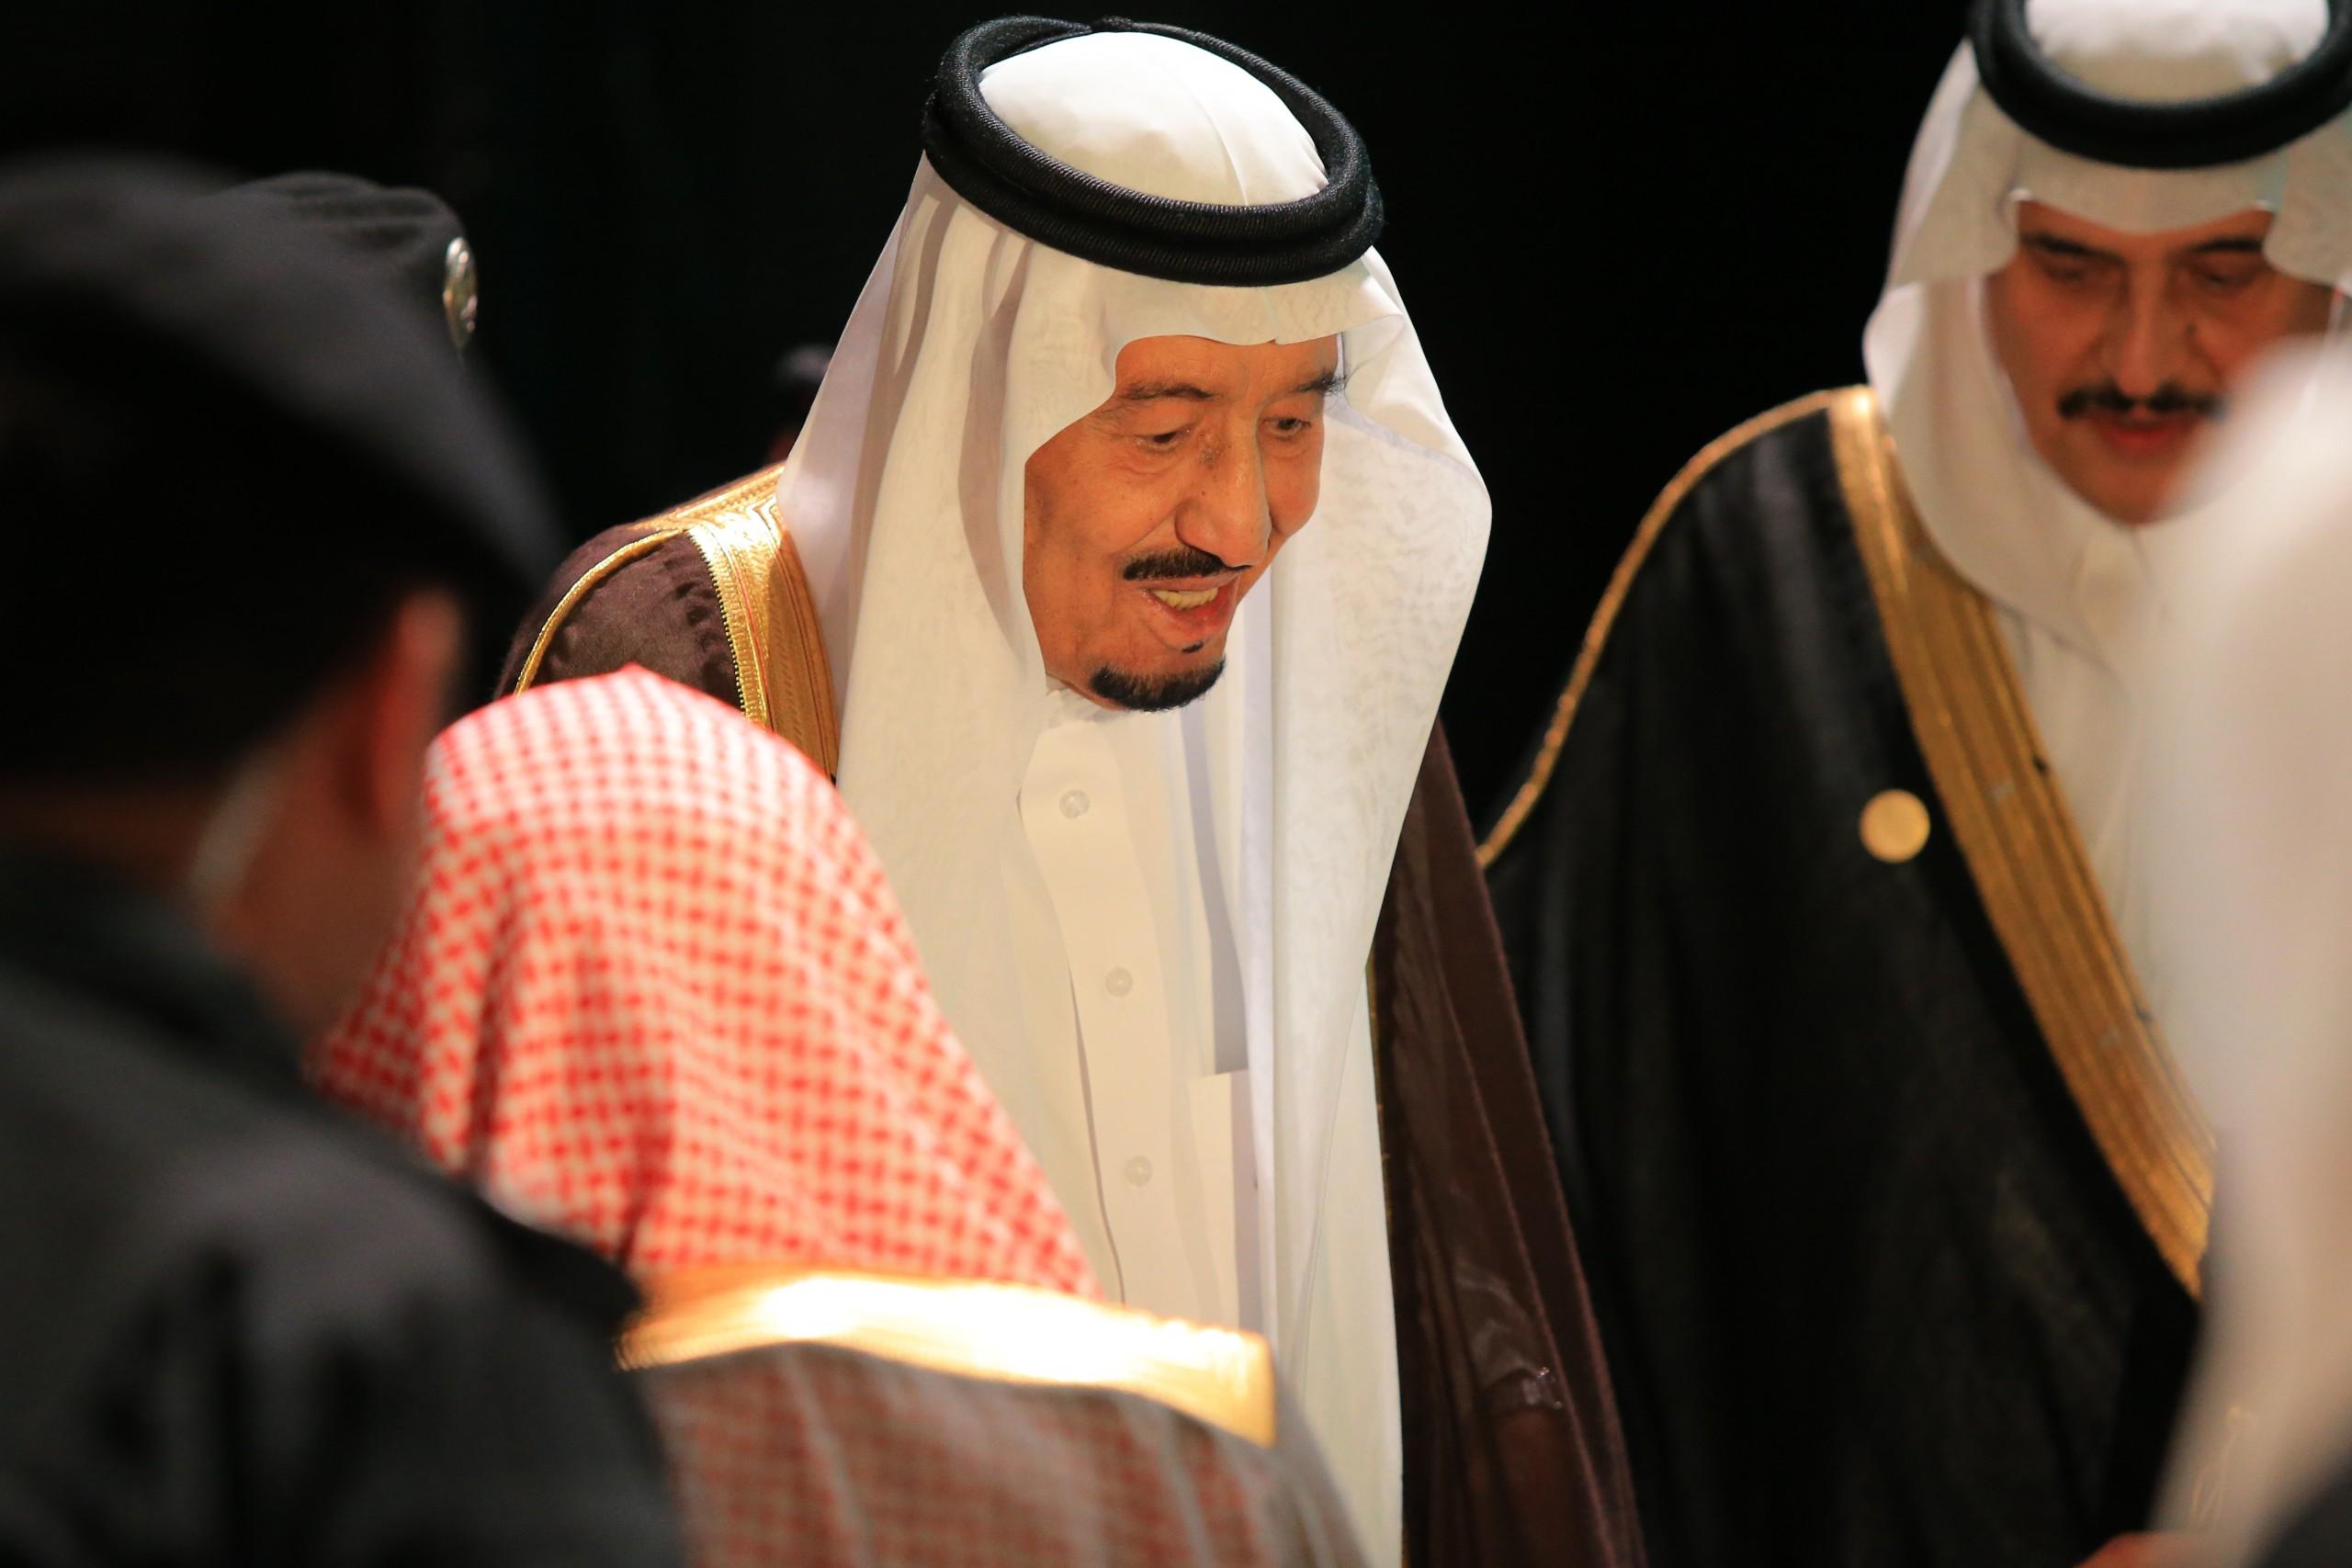 افتتاح معرض الفهد روح القيادة في الرياض